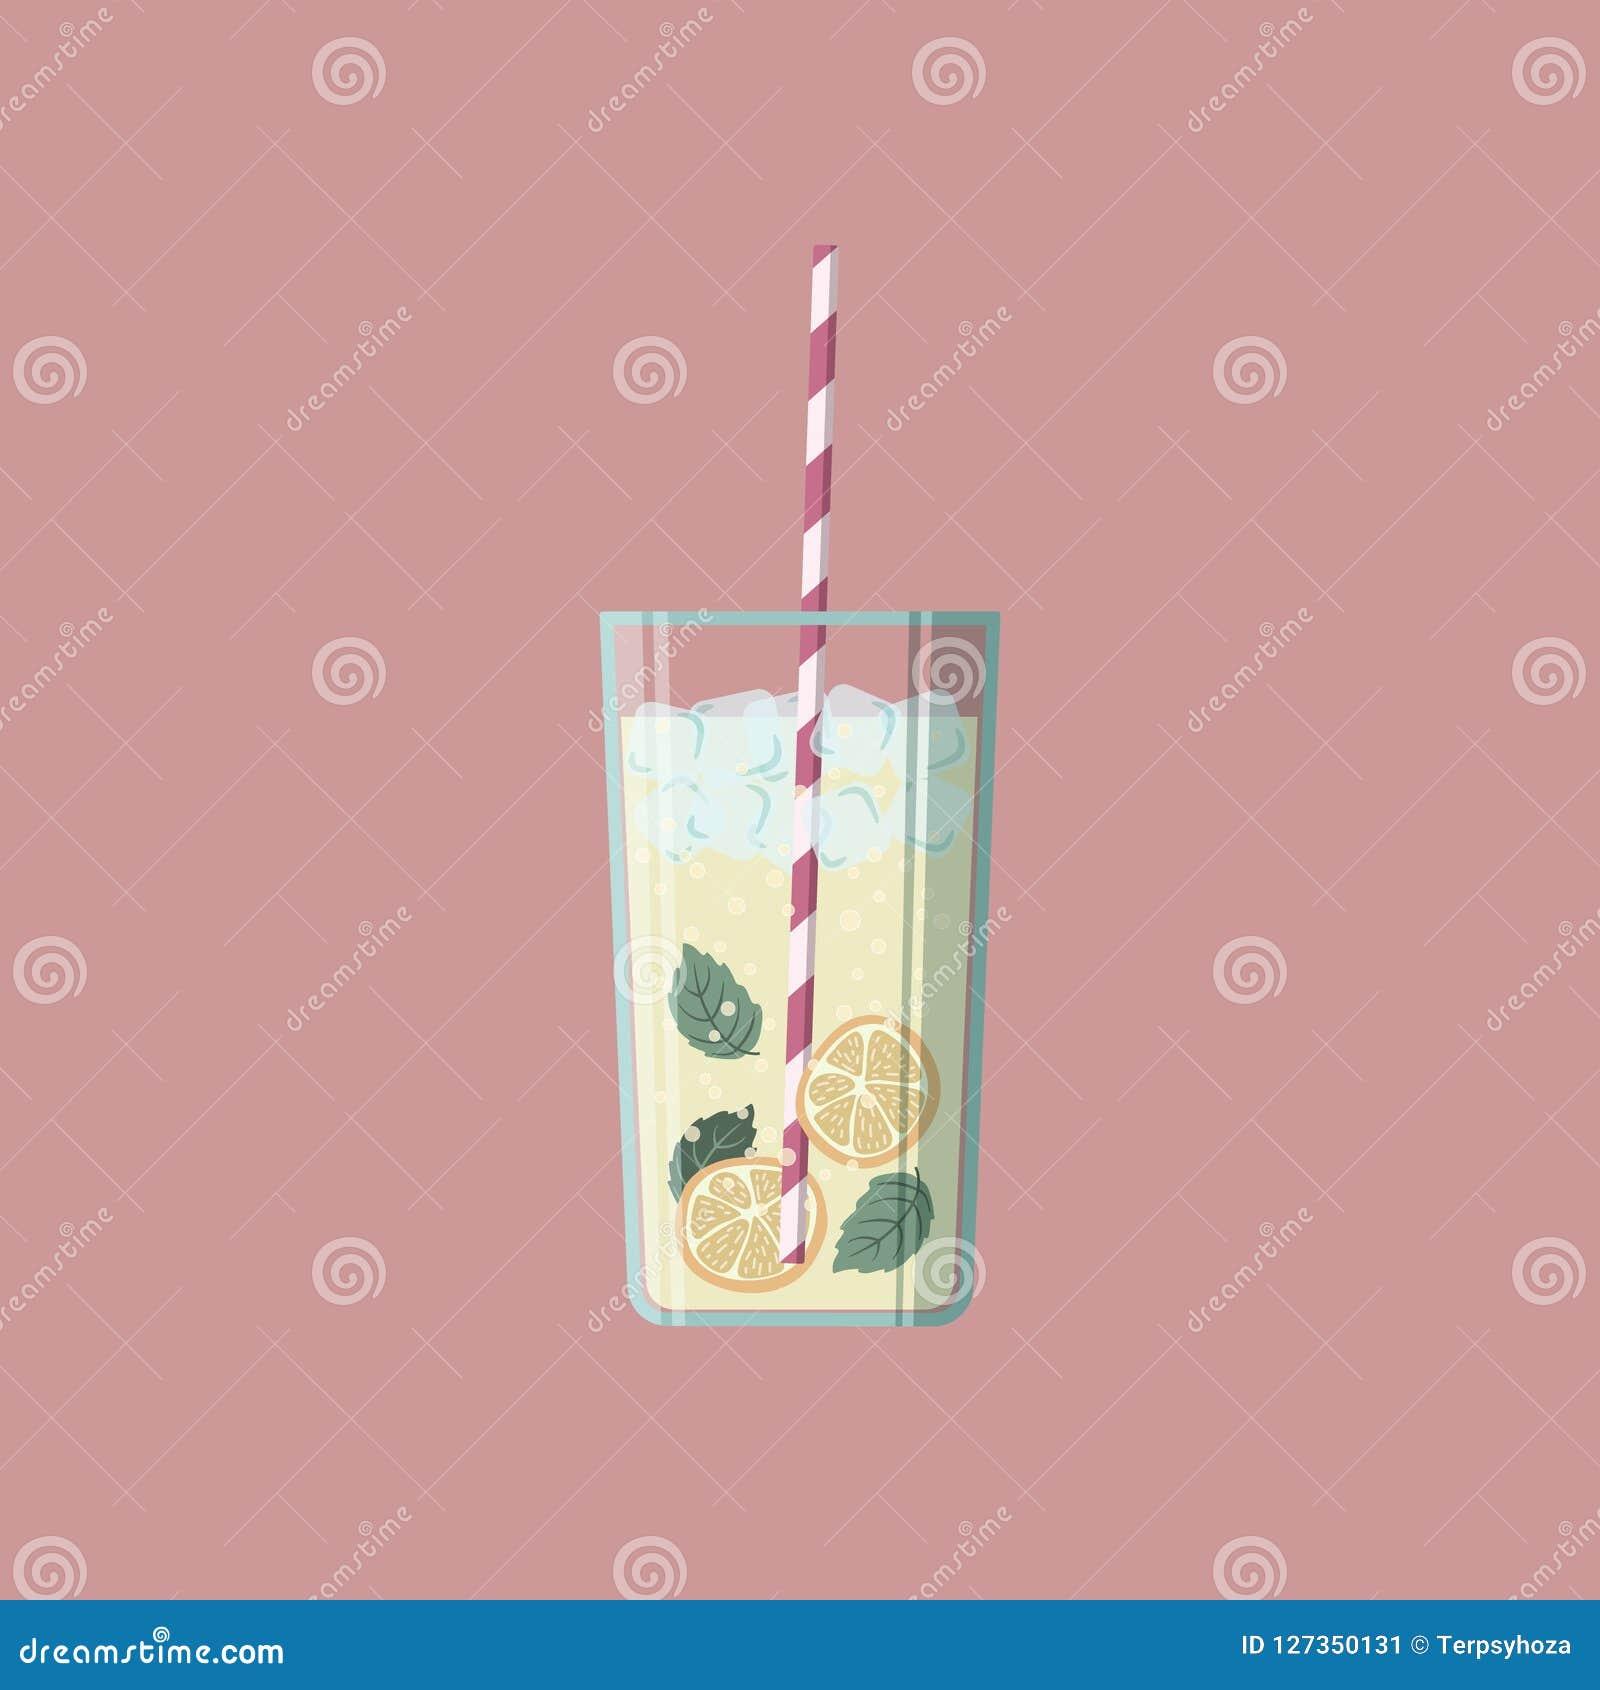 Vectorillustratie van een glas limonade